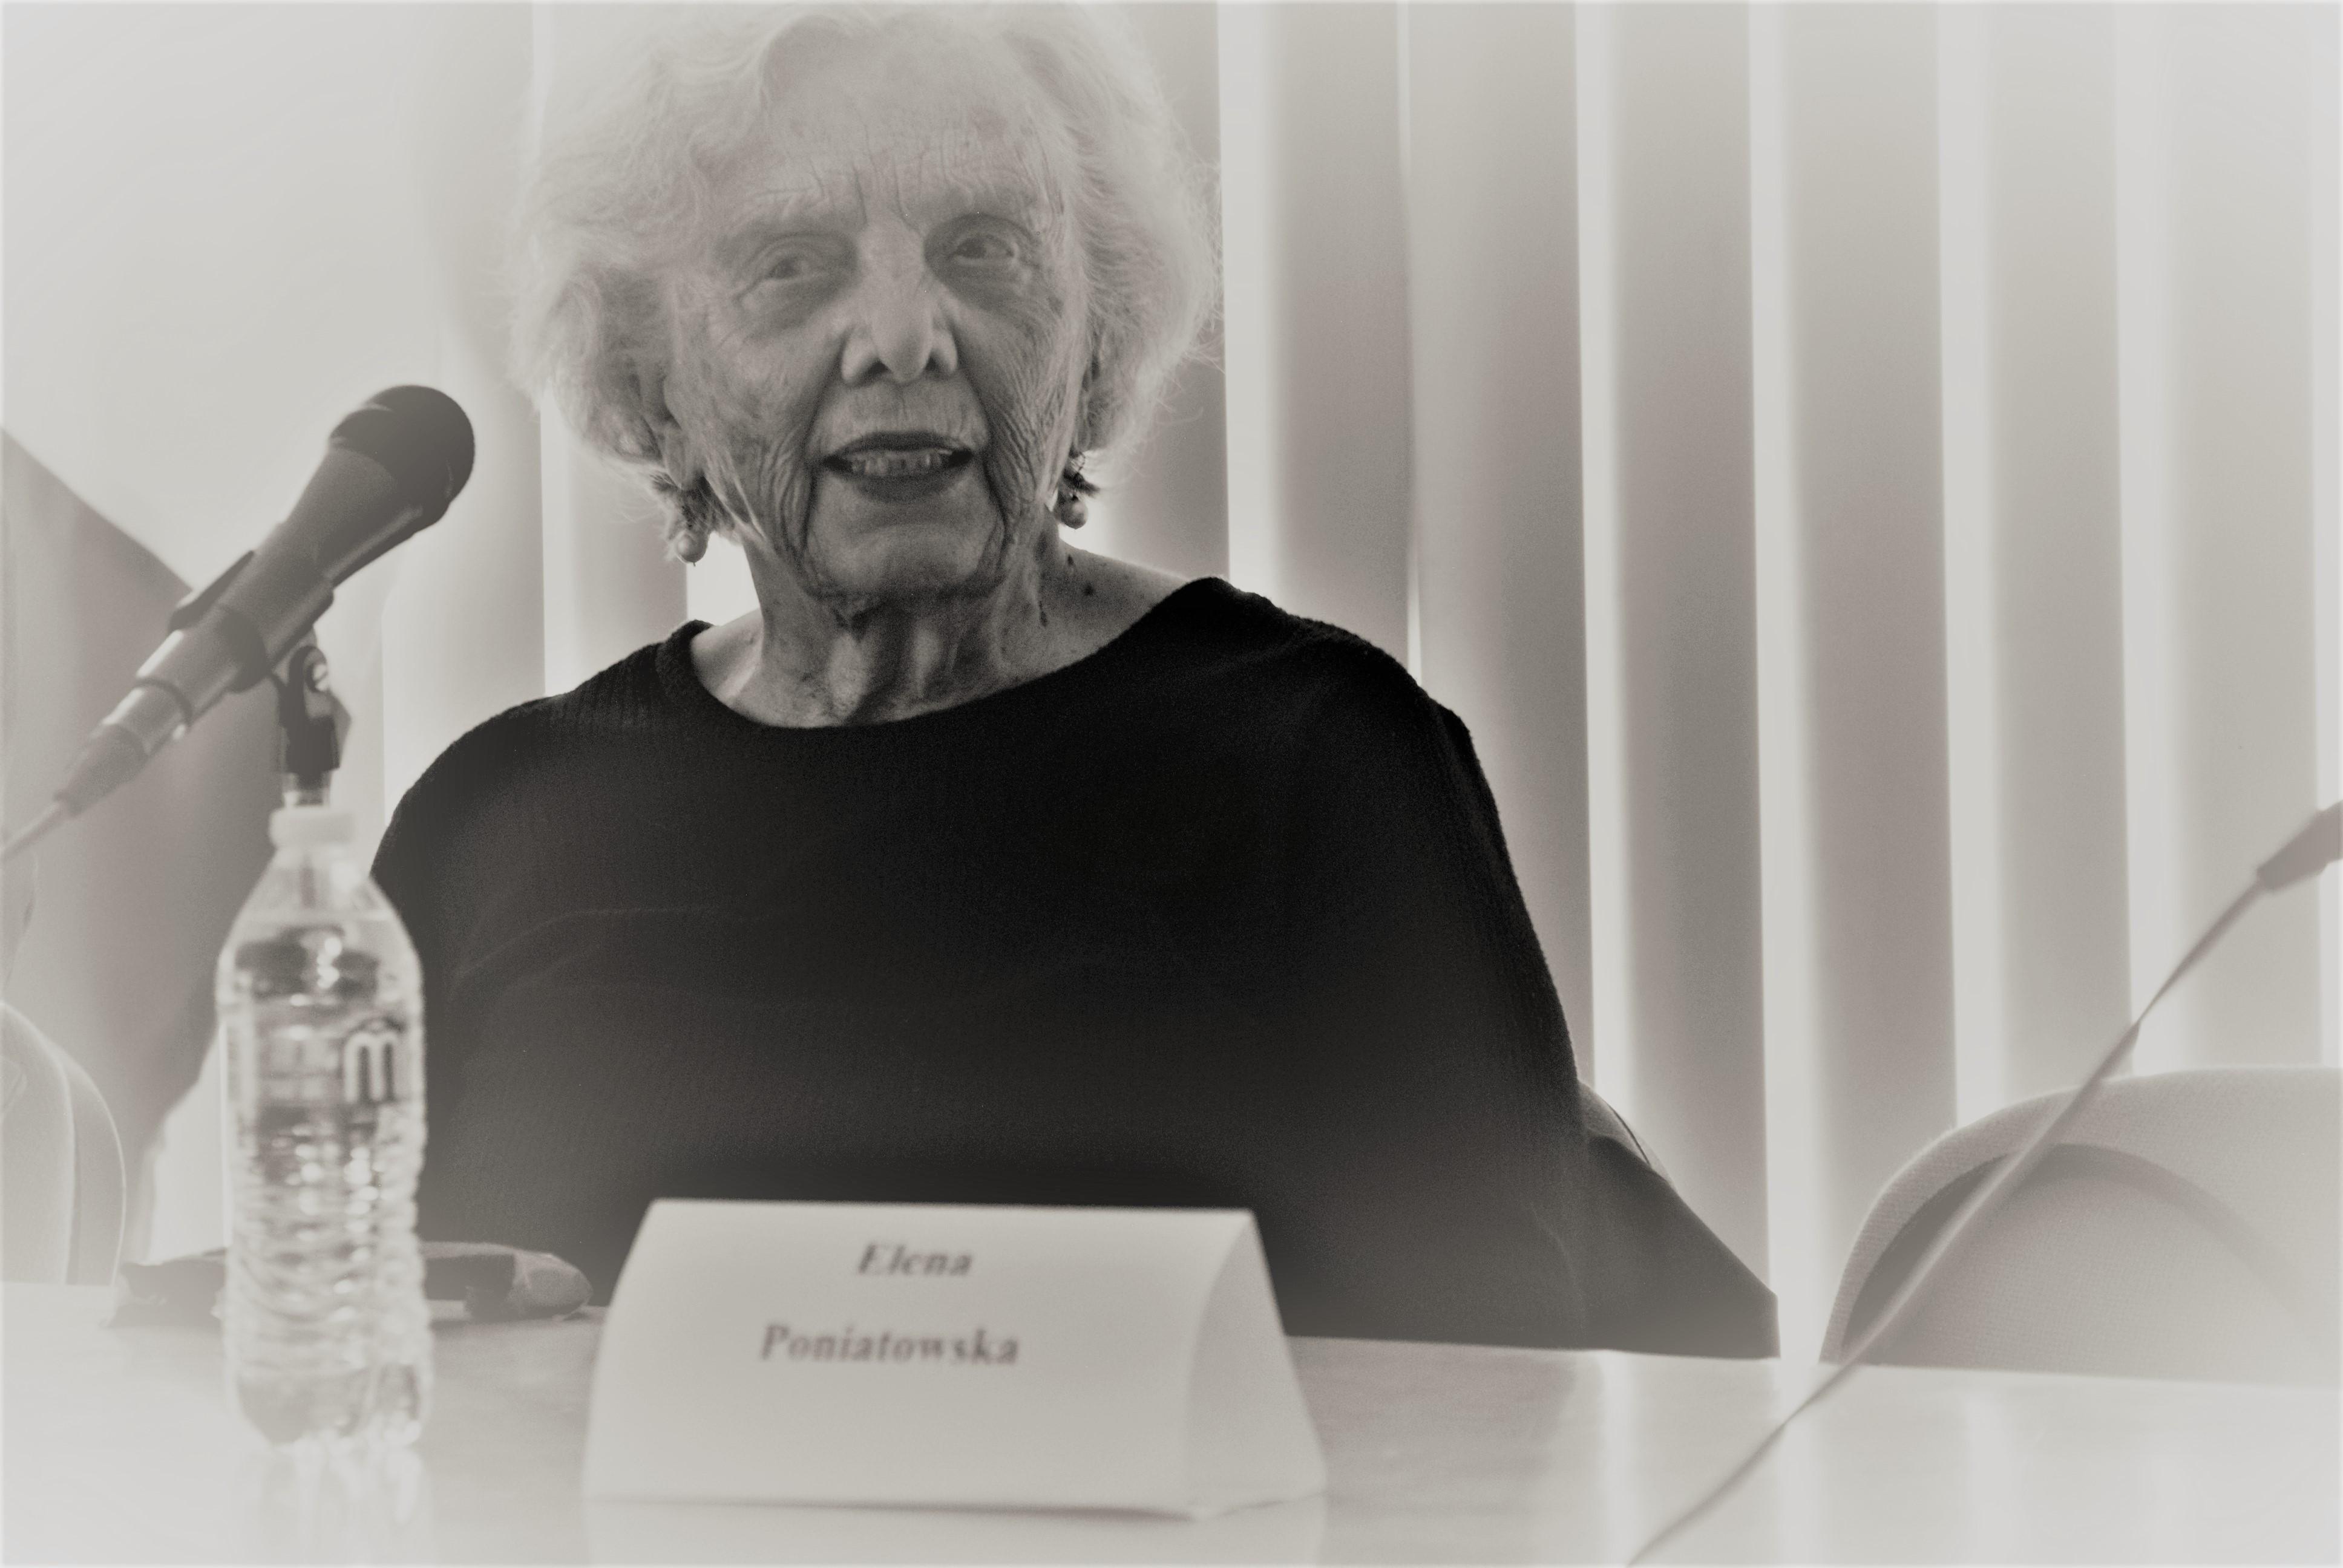 Mesas de lectura de poesía y narativa joven. Conversatorios con Elena Ponitowska, Glafira Rocha, y Ulises Paniagua. Homenaje a Mario Bojórquez.